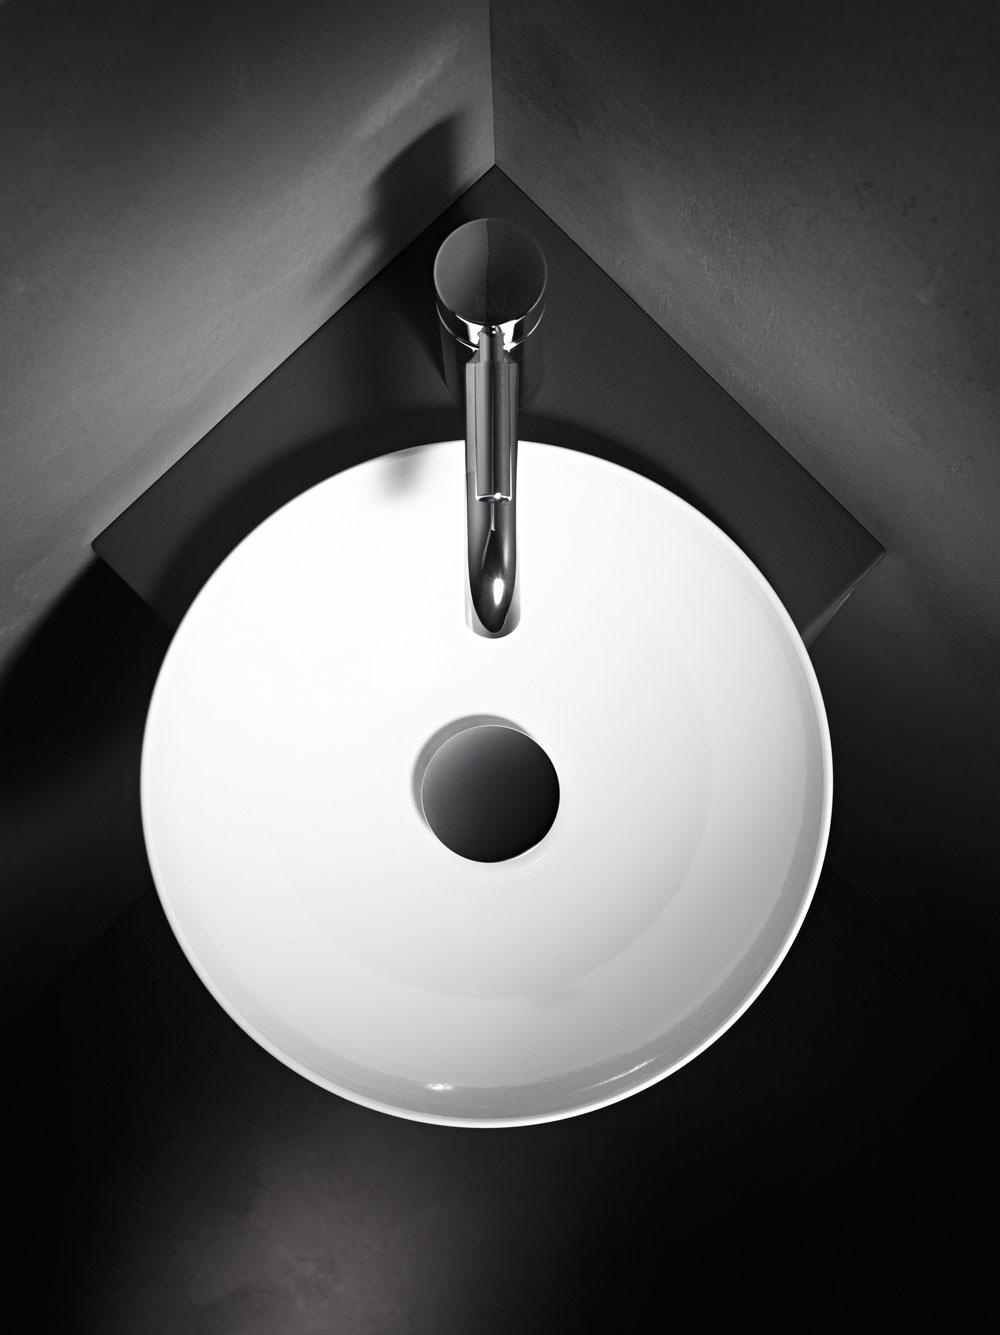 Séria umývadiel, umývadlových skriniek adoplnkov snázvom Insert od značky Alape vám pomôže prakticky využiť napríklad kúty vmalej kúpeľni atým ušetriť cenné miesto. Vstiesnenom priestore by ste to nemali prehnať sveľkosťou batérie, dôležité je aj jej šikovné umiestnenie ajednoduchý dizajn – malému priestoru totiž svedčí jednoduchosť.